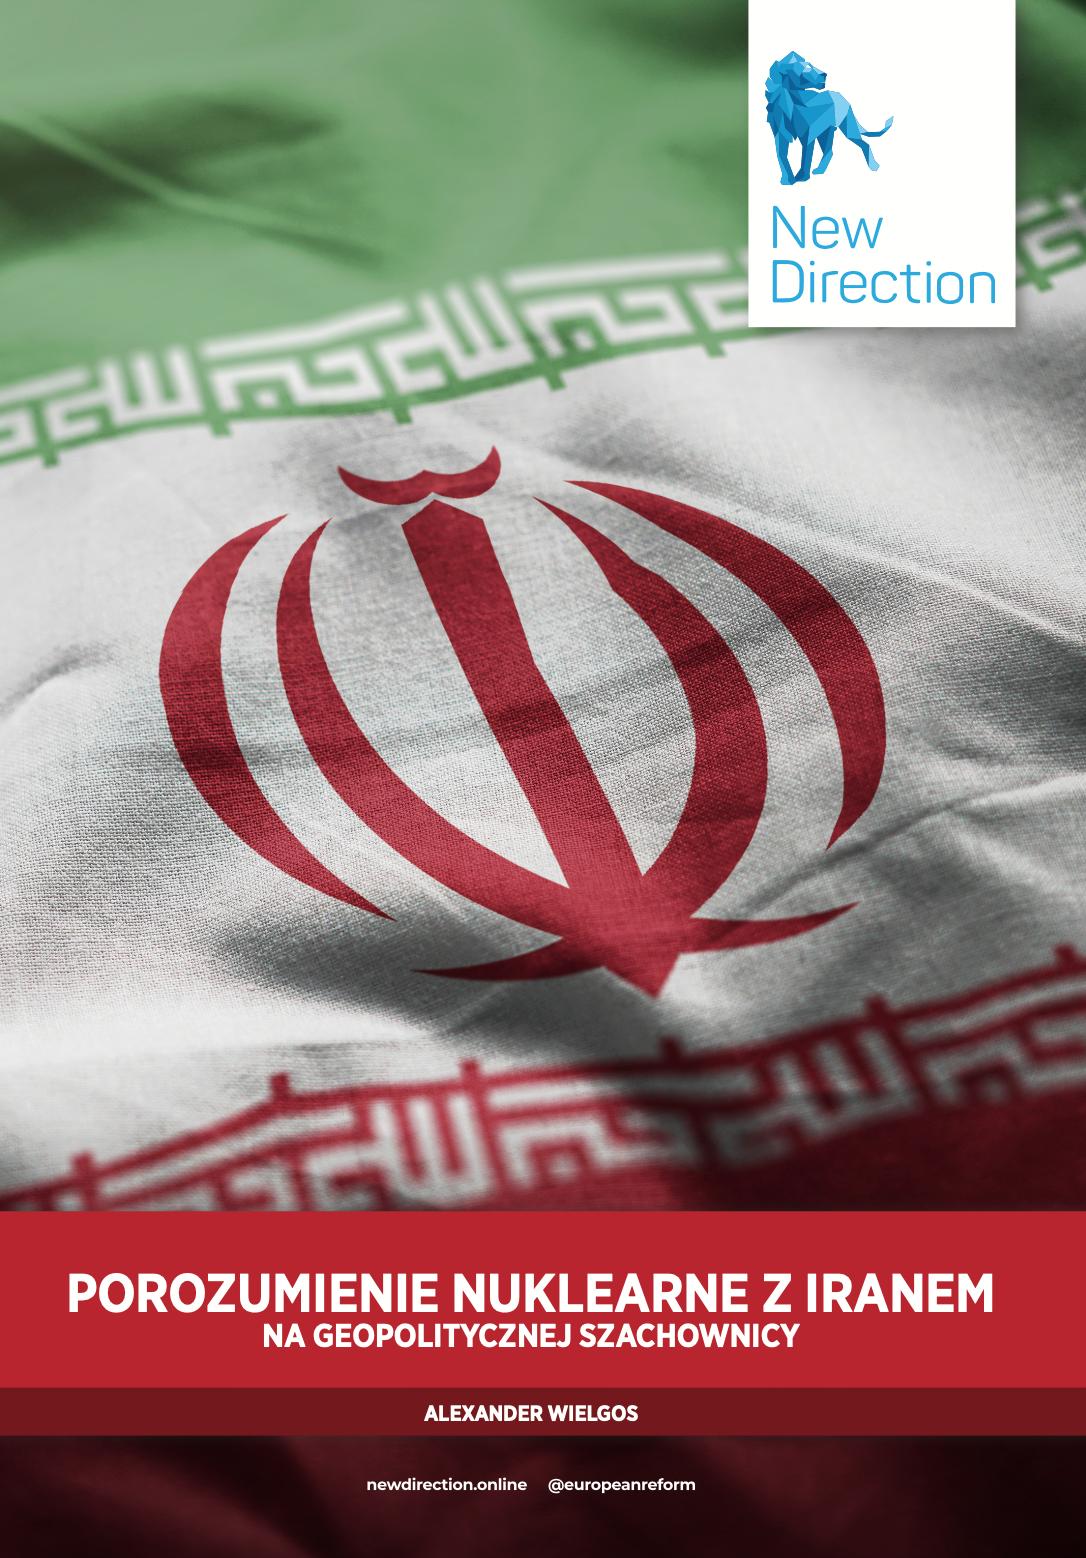 POROZUMIENIE NUKLEARNE Z IRANEM NA GEOPOLITYCZNEJ SZACHOWNICY